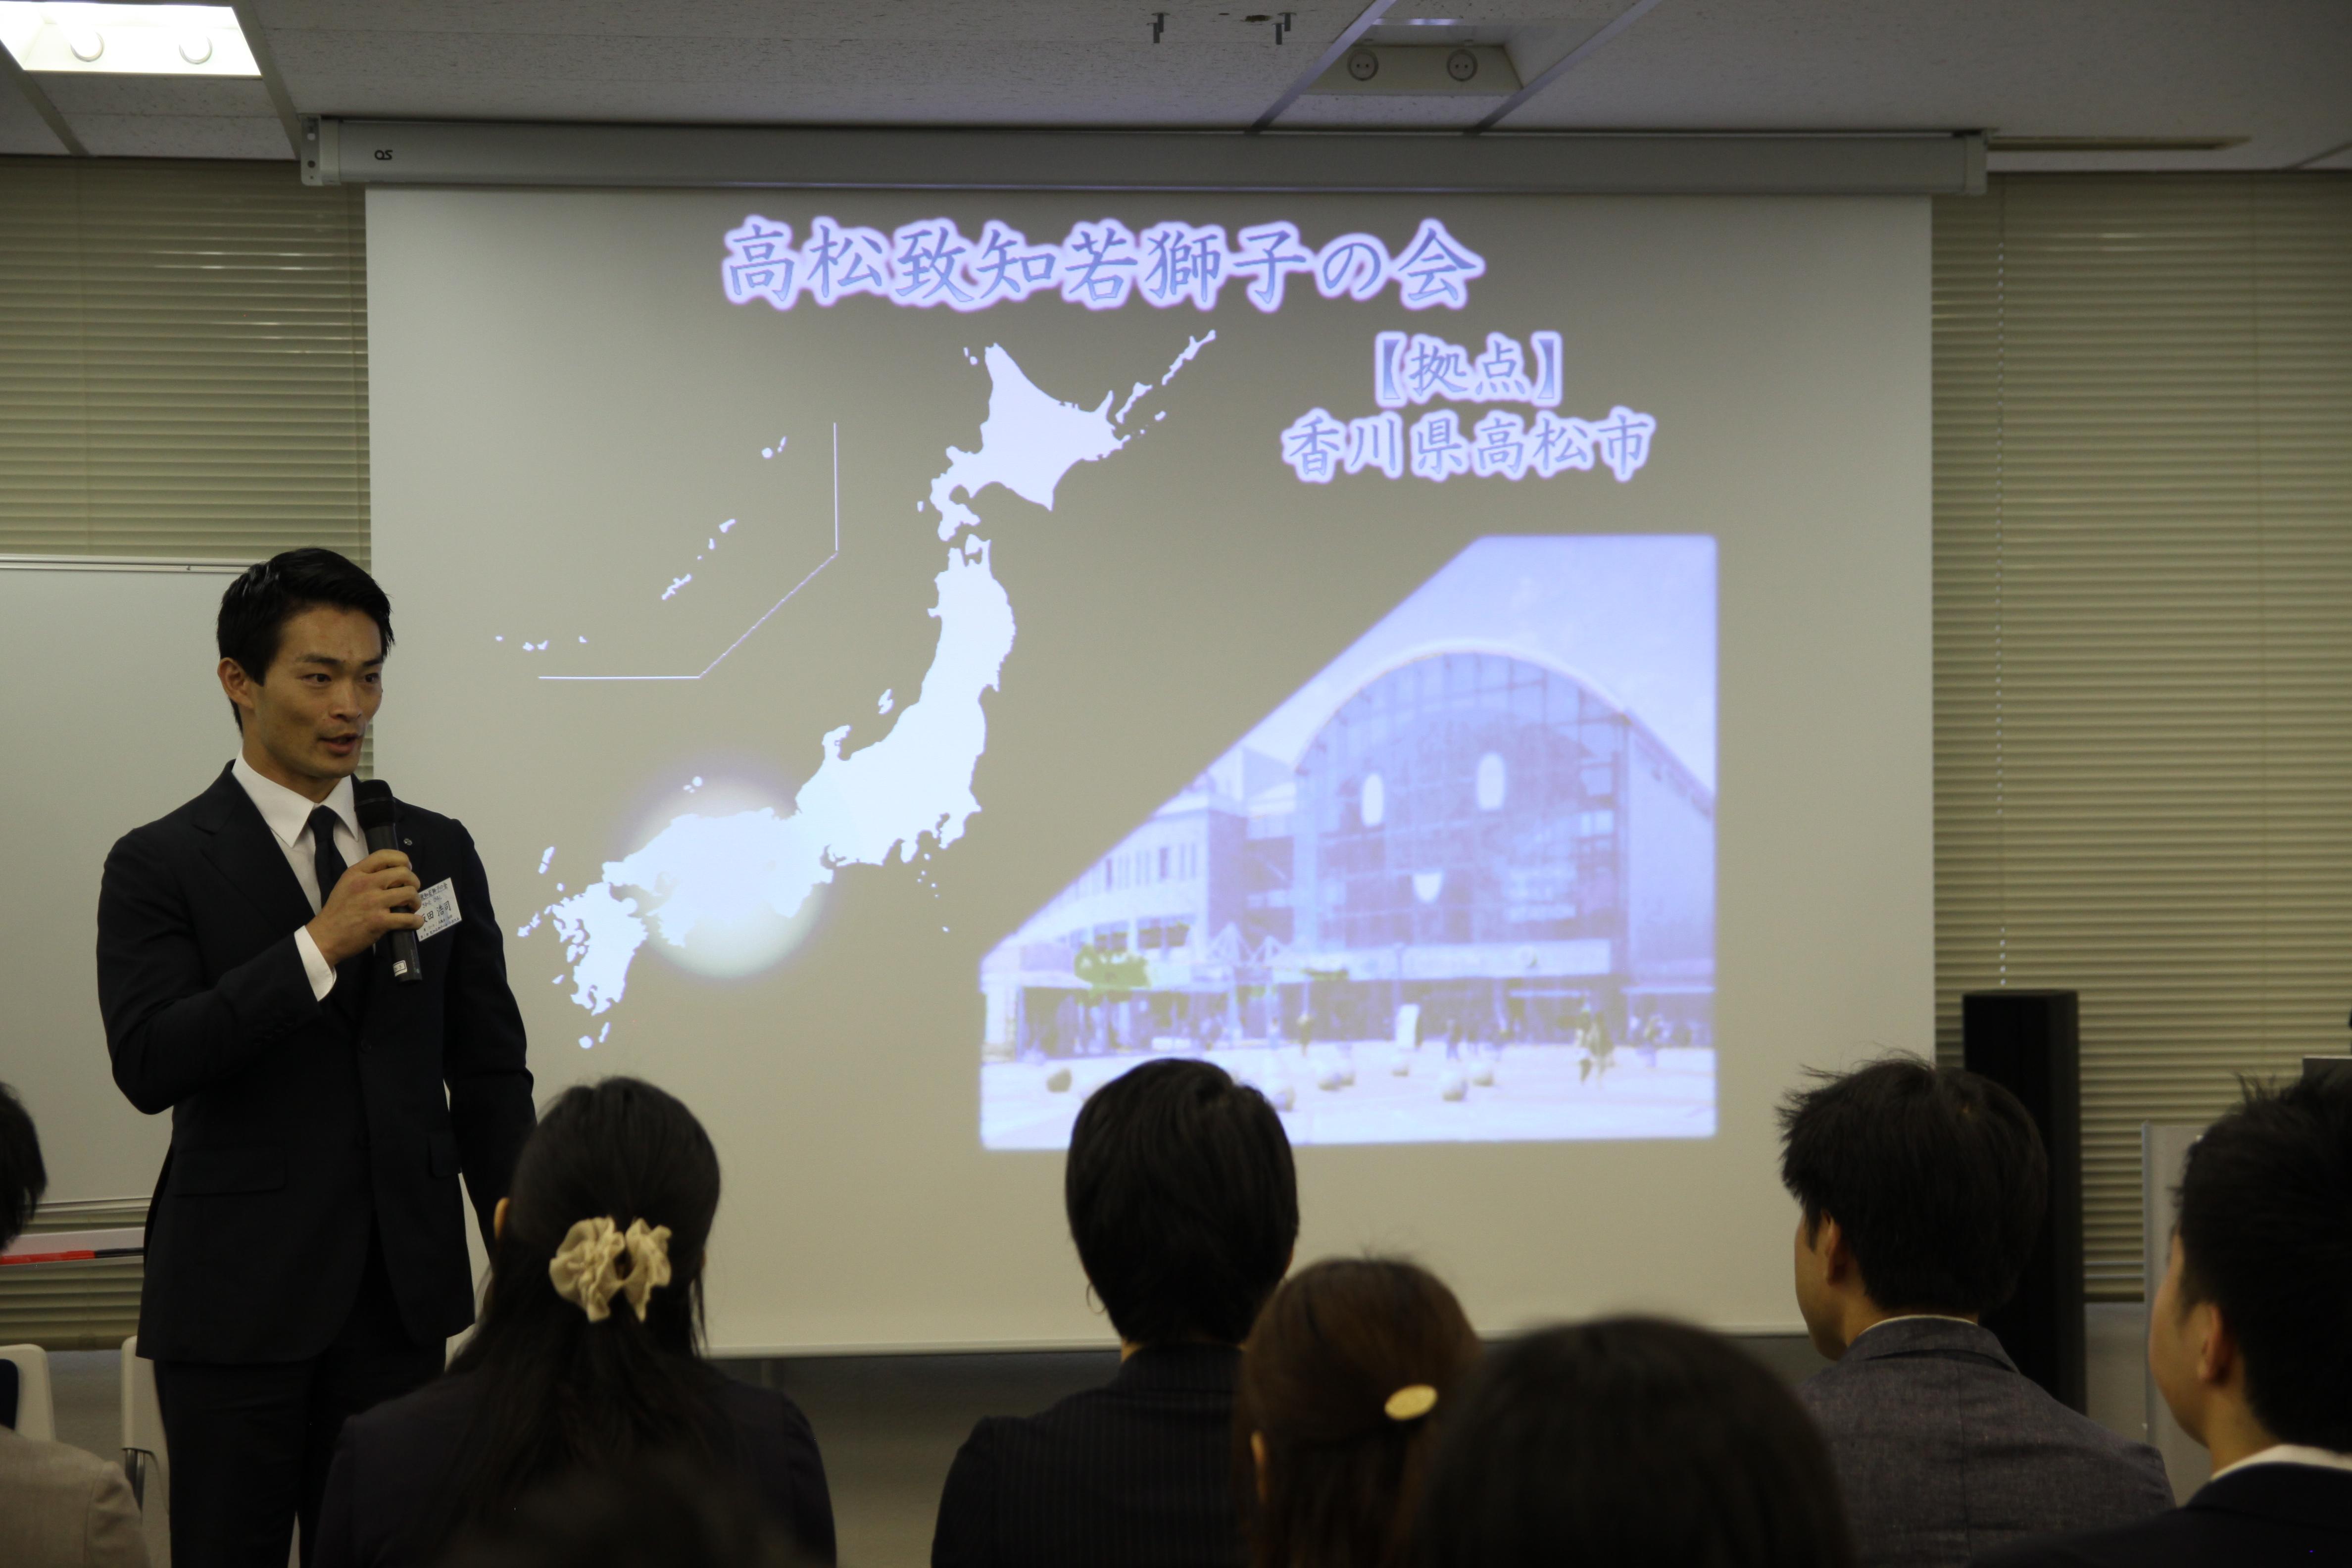 IMG 4650 - 関東若獅子の会、記念すべき第100回